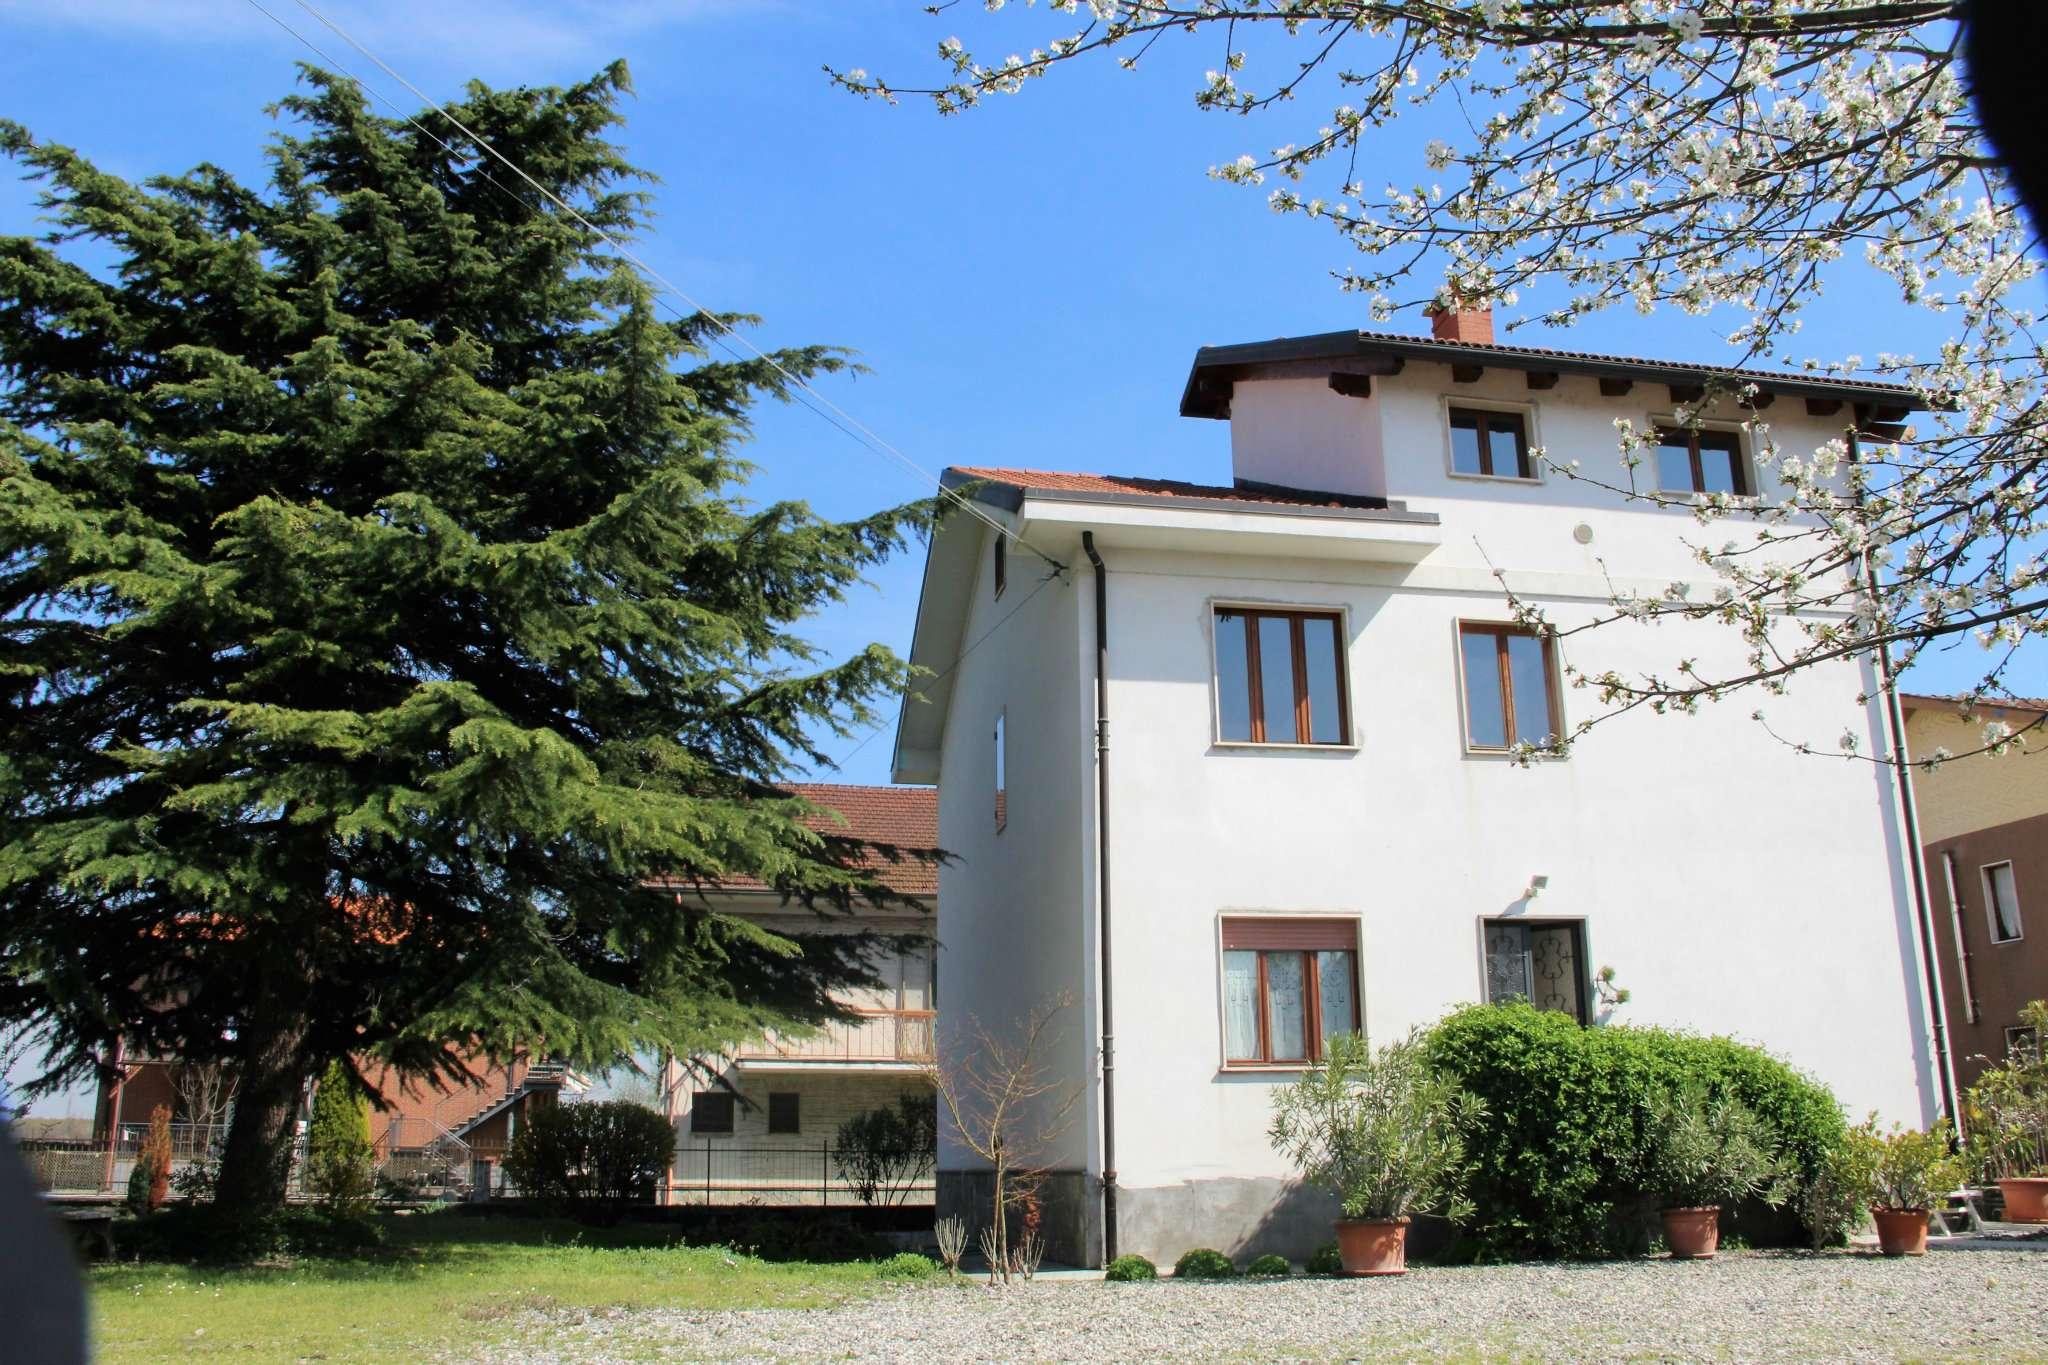 Villa in vendita a Buttigliera Alta, 10 locali, prezzo € 320.000   Cambio Casa.it